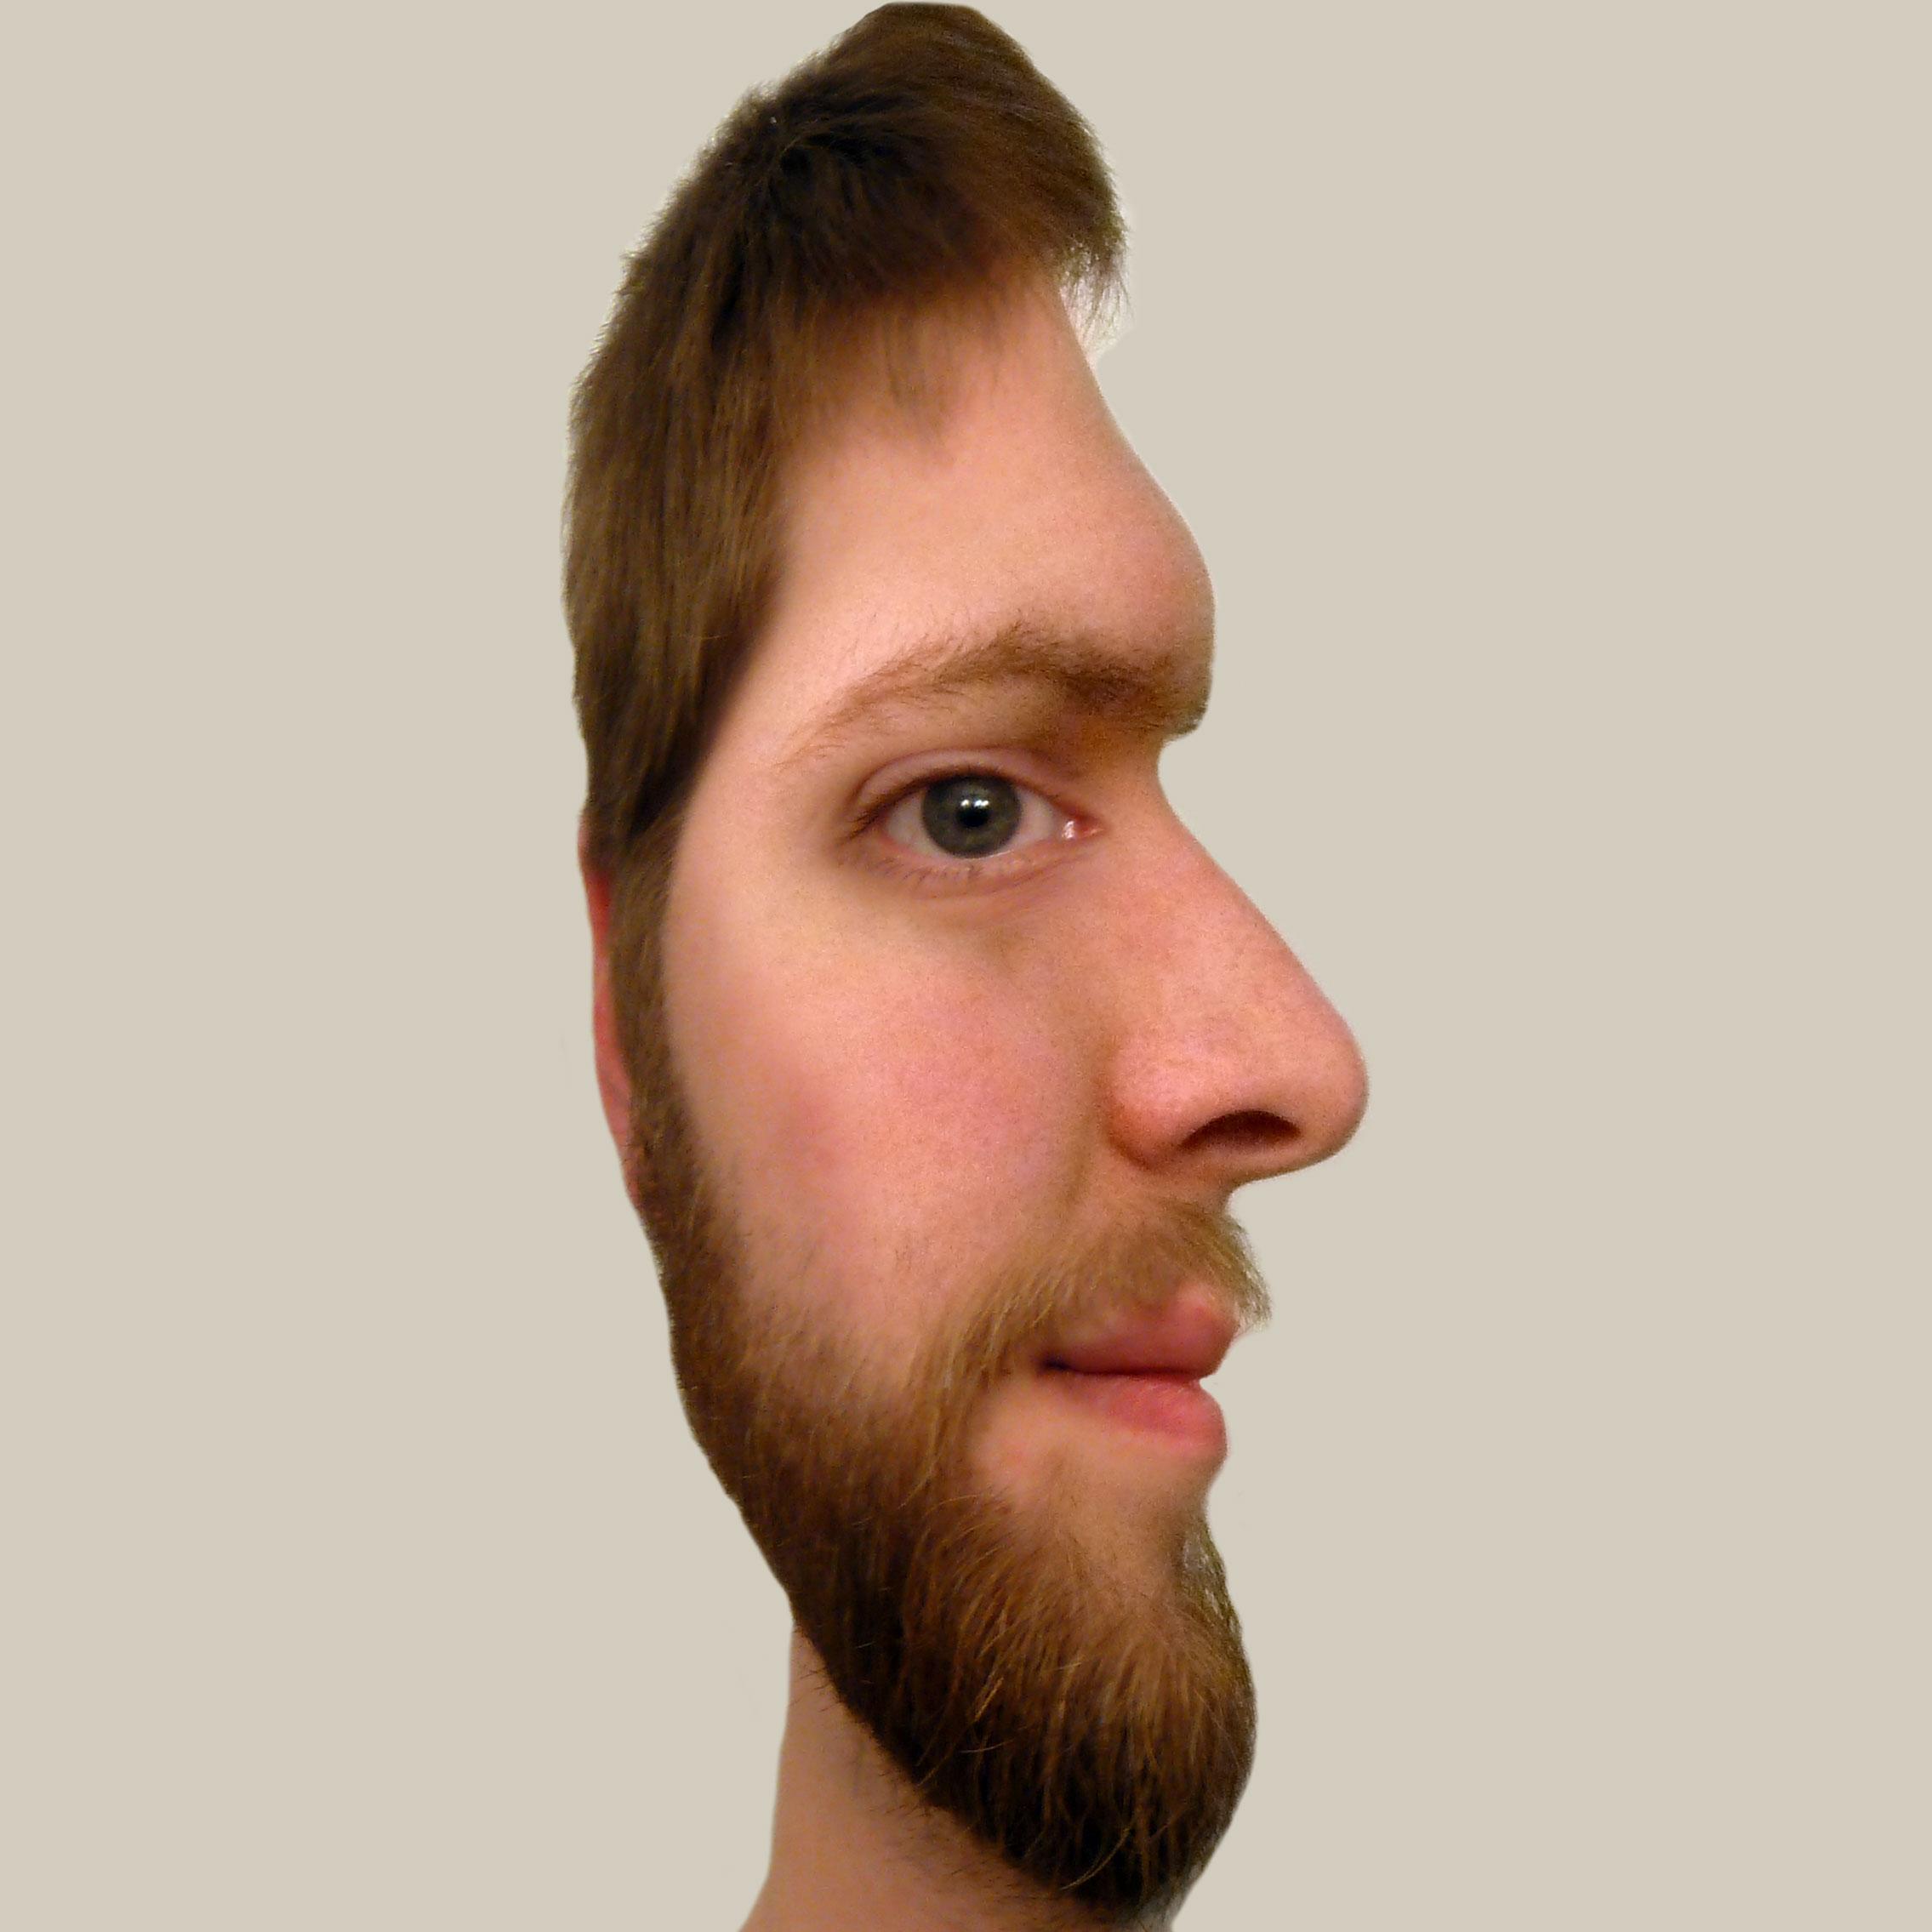 Face Illusion by West-Ninja on DeviantArt